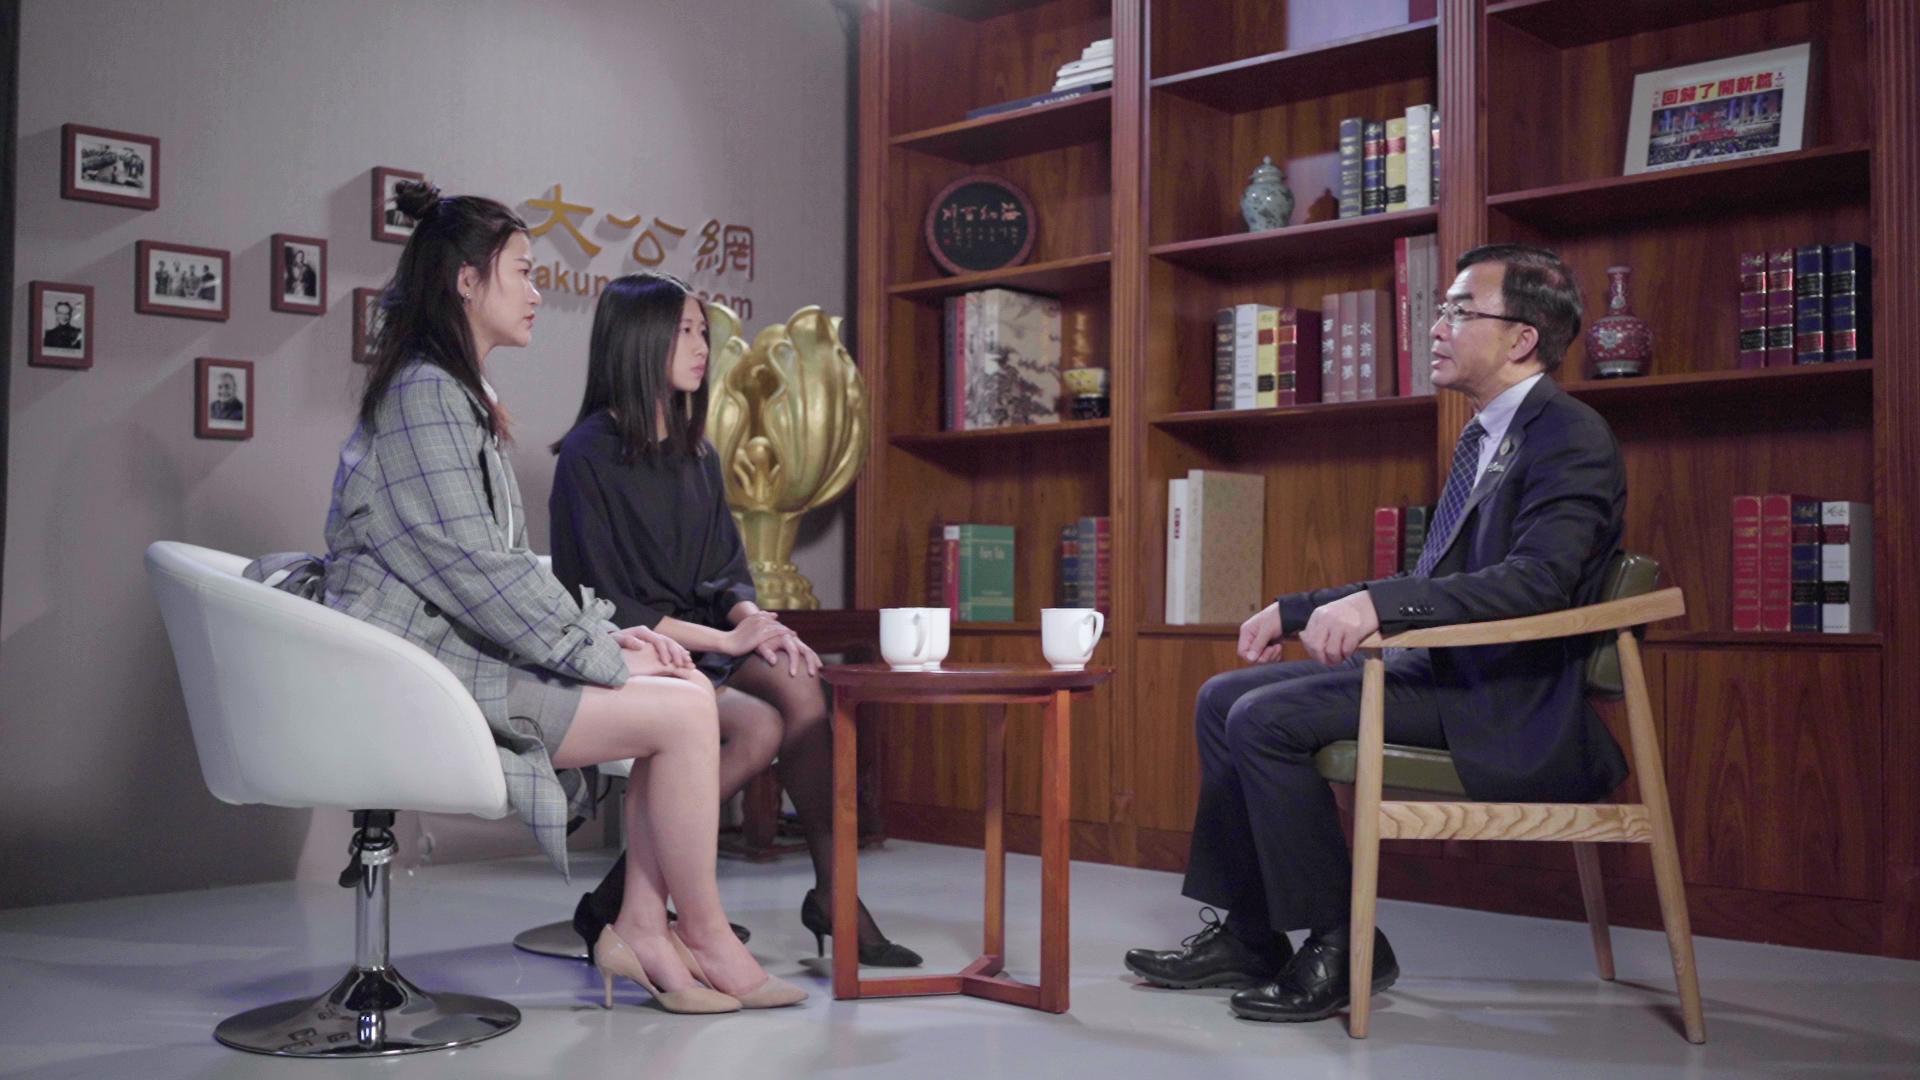 在京港生謝慧怡(左)、陳嘉雯(中)與全國政協委員陳卓禧(右)面對面